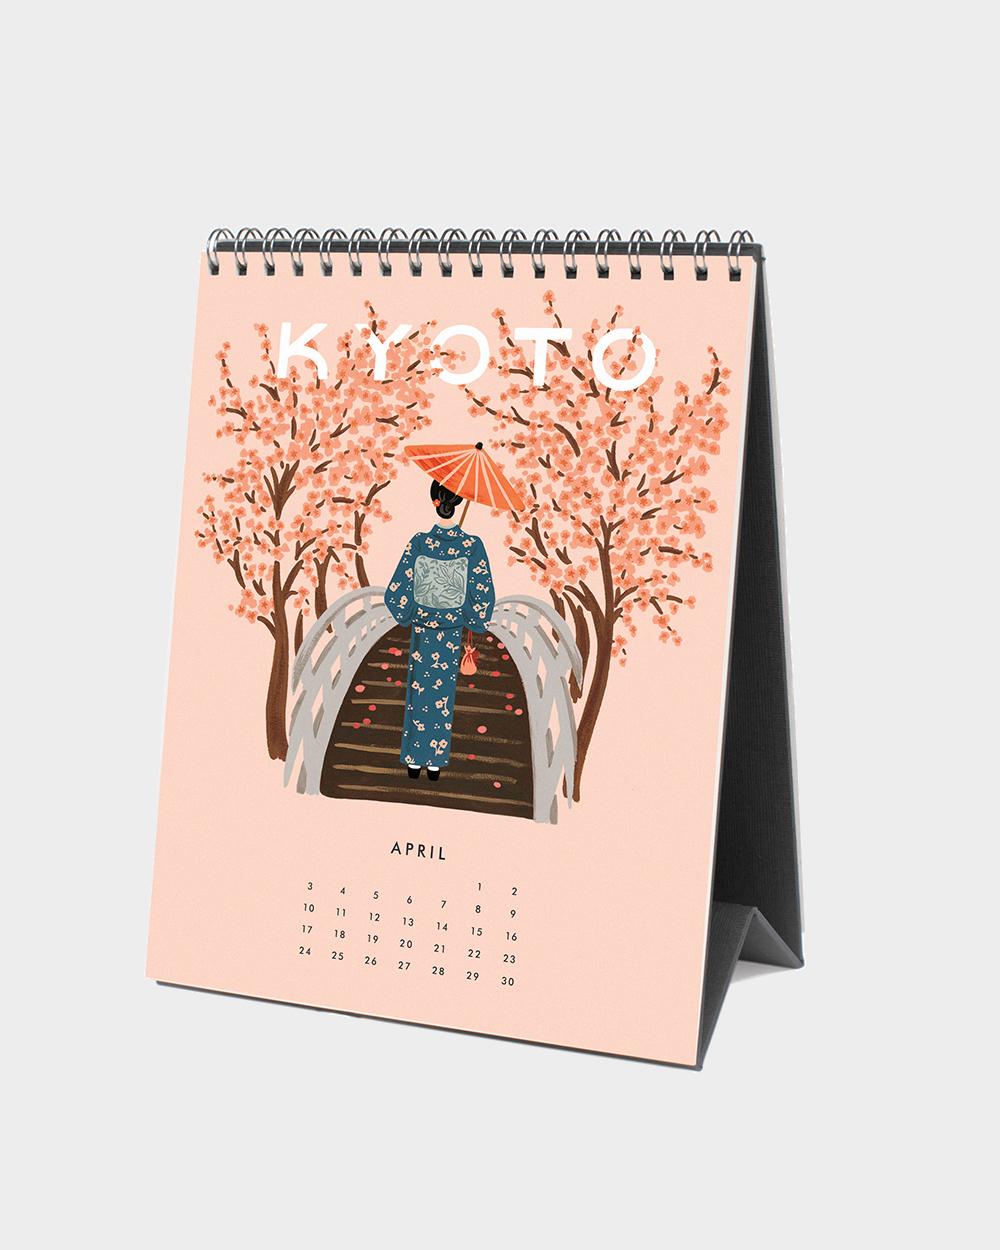 Explore the world 2022 pöytäkalenteri huhtikuu